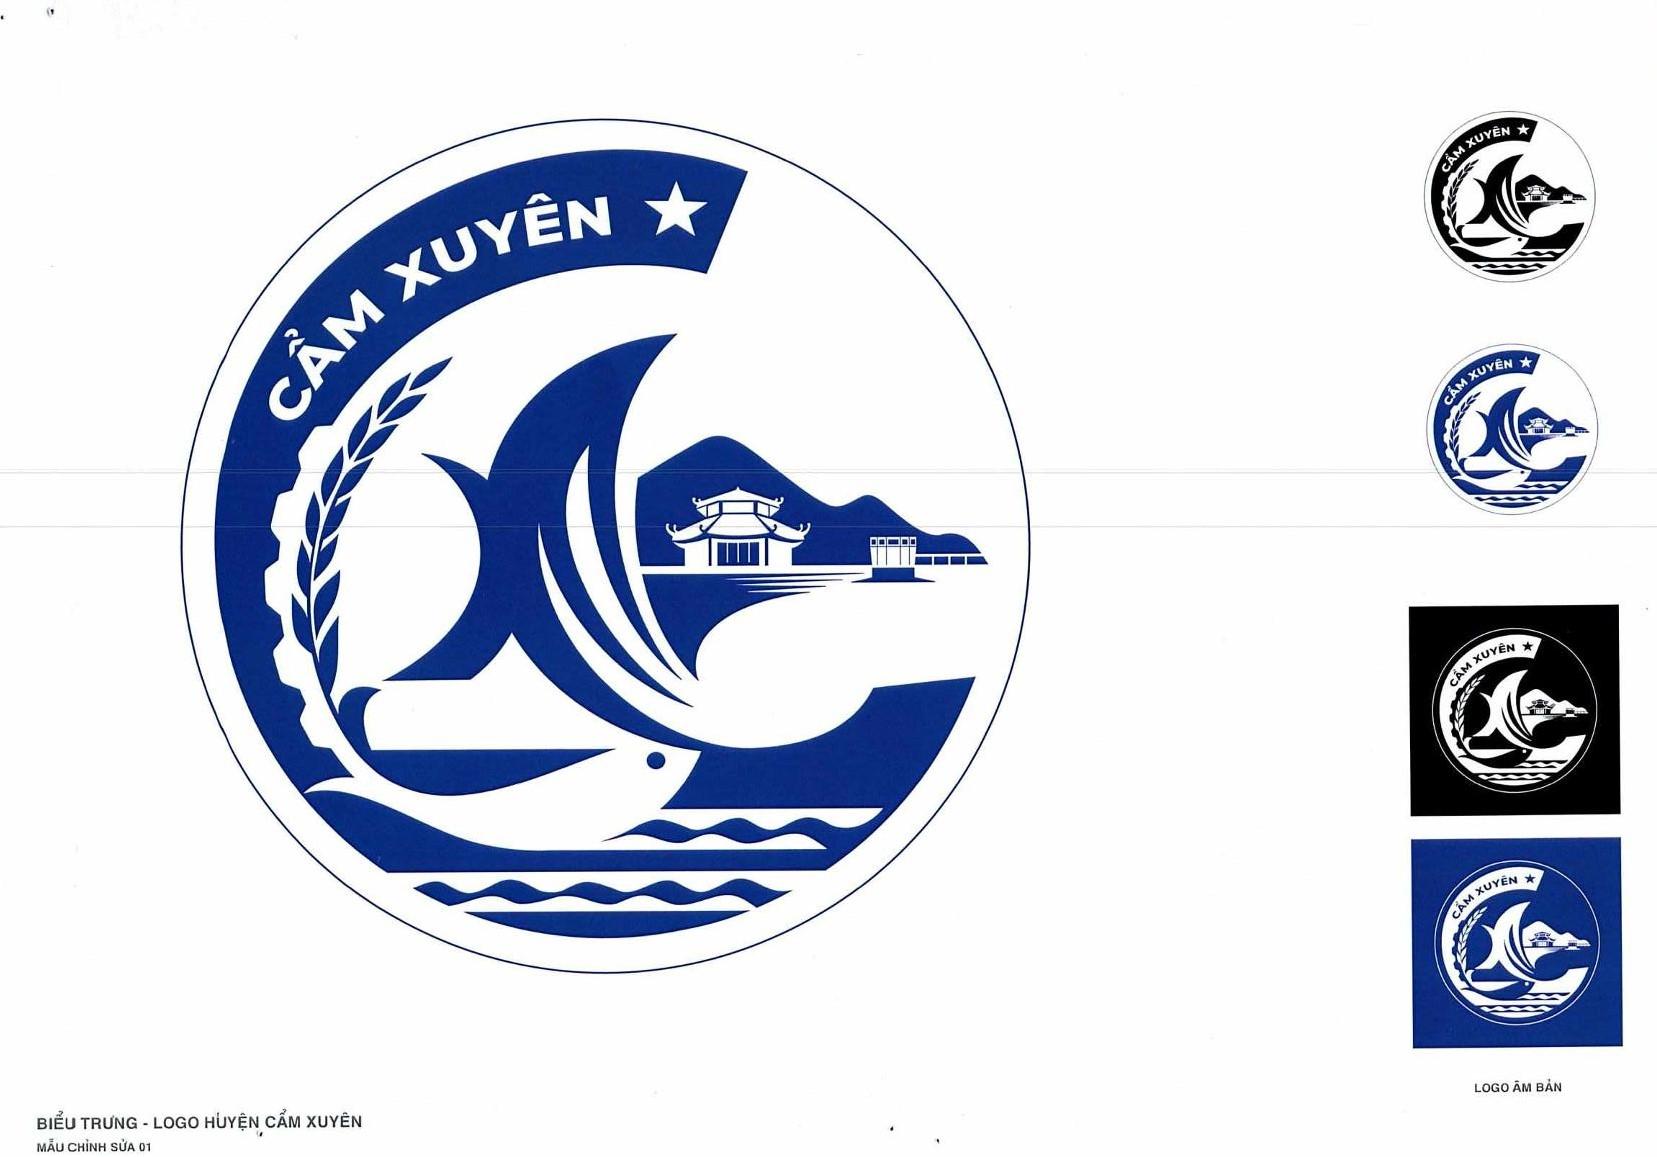 Thông báo các tác phẩm vào vòng chung khảo Cuộc thi sáng tác biểu trưng Logo huyện Cẩm Xuyên